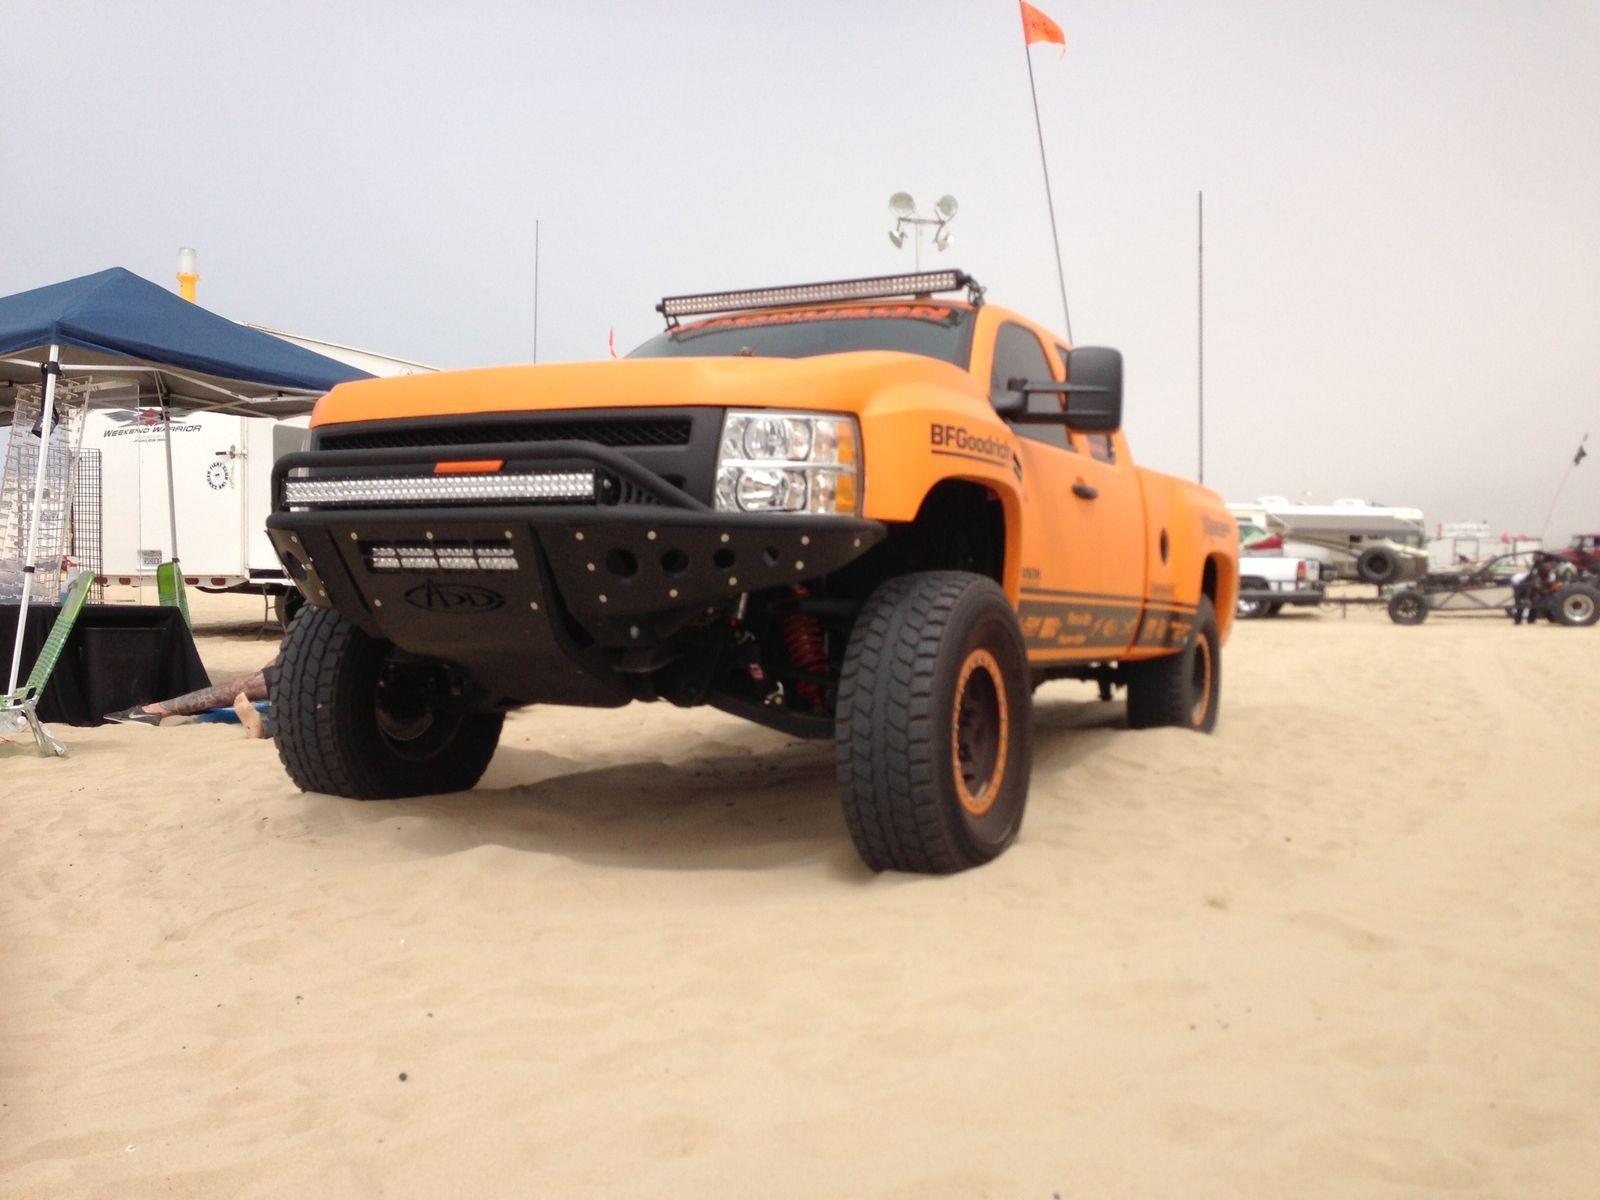 2009 Chevrolet Silverado 1500 | Project Silverado